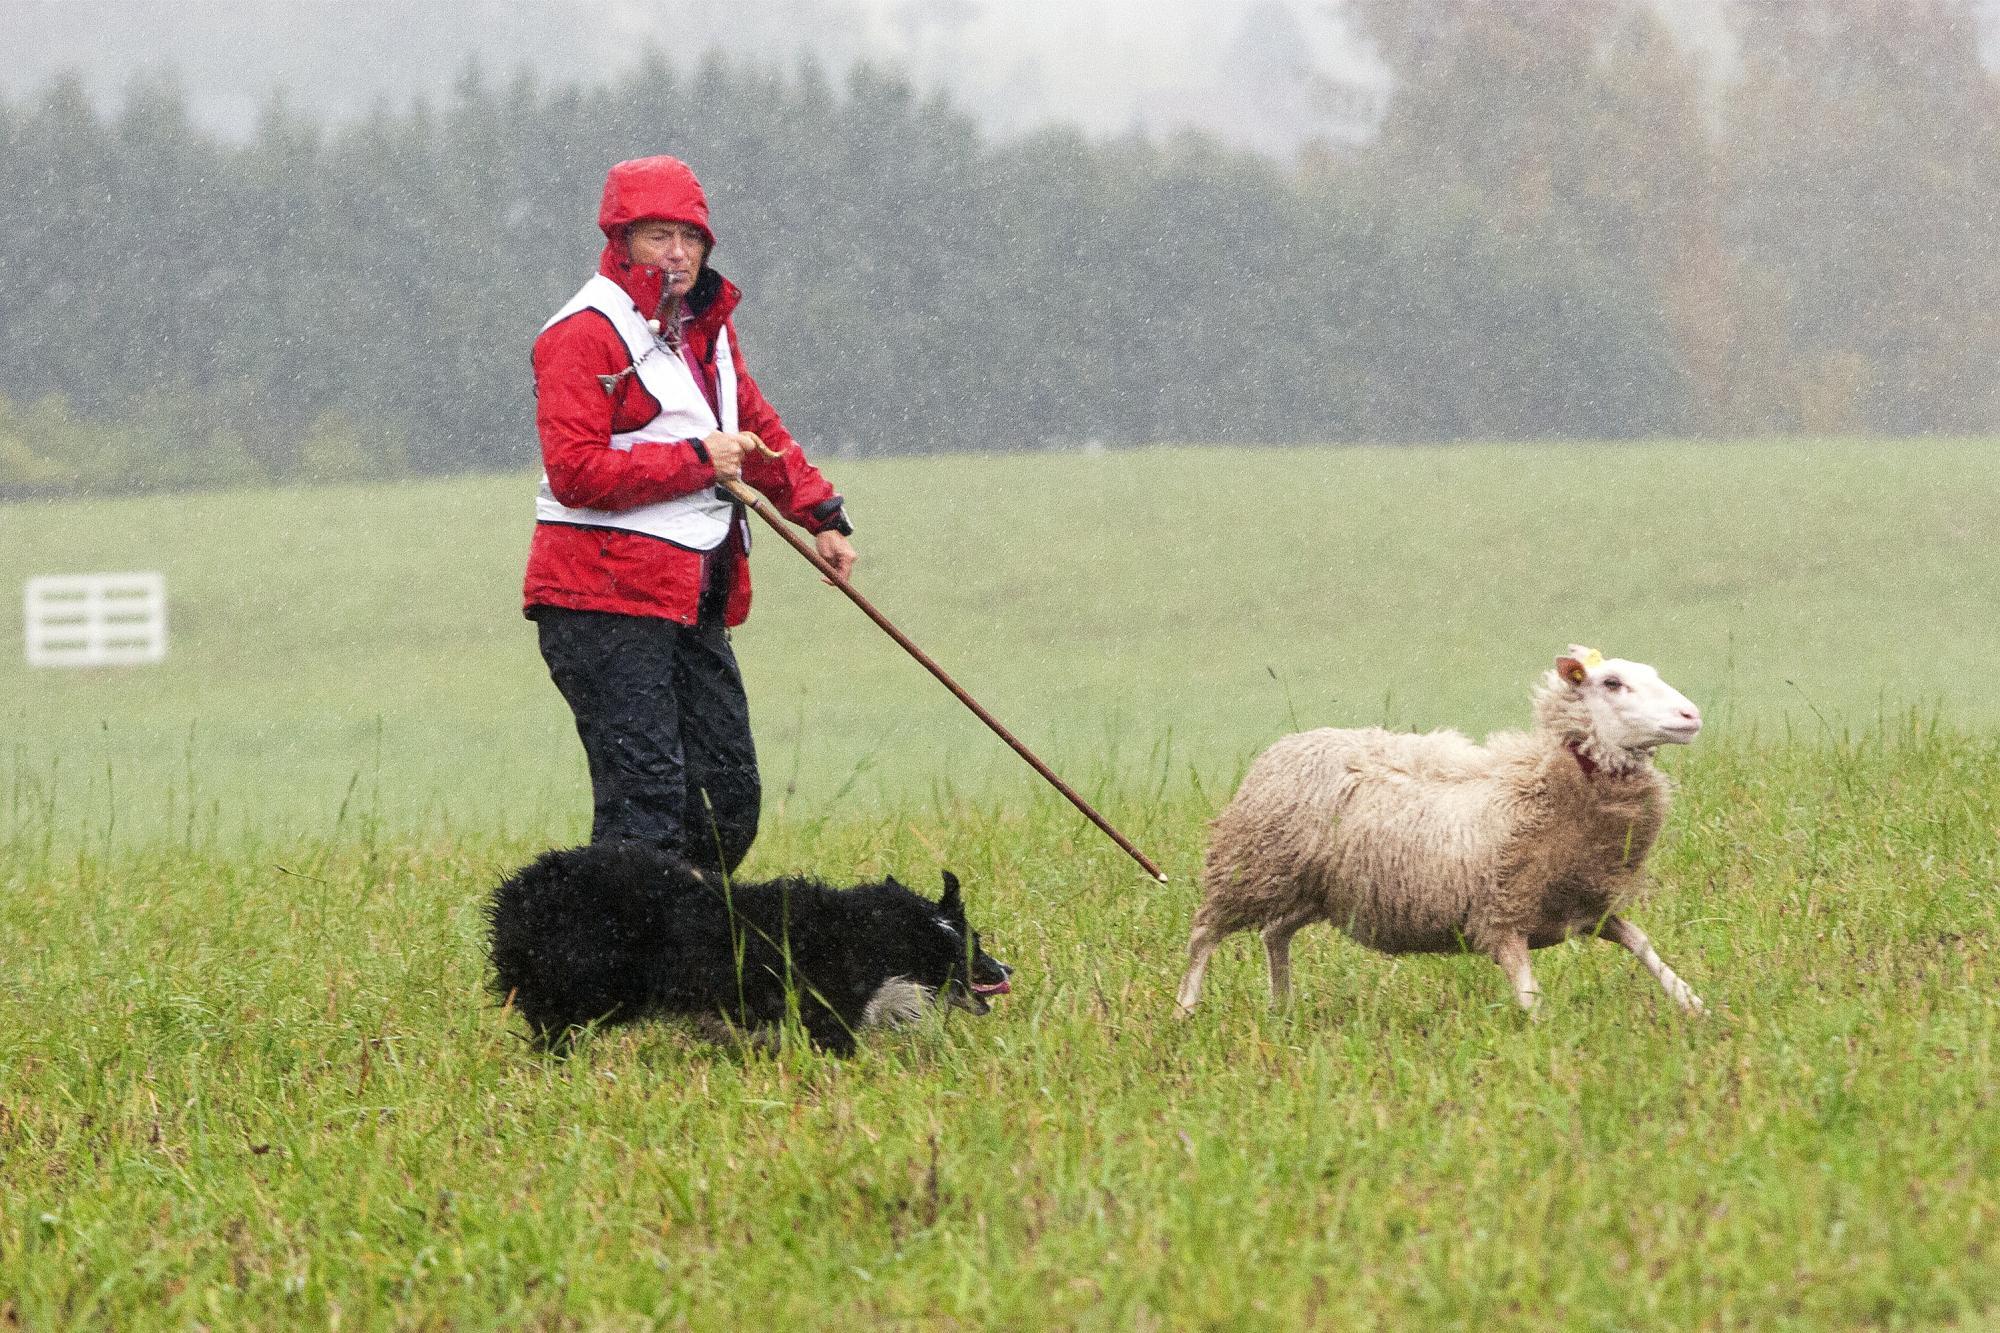 Marianne Klima vann kvaltävlingen med sin hund<span>Timetolearn Bits och tävlar även i finalen med sin andra hundTimetolearn Tjeck.</span>